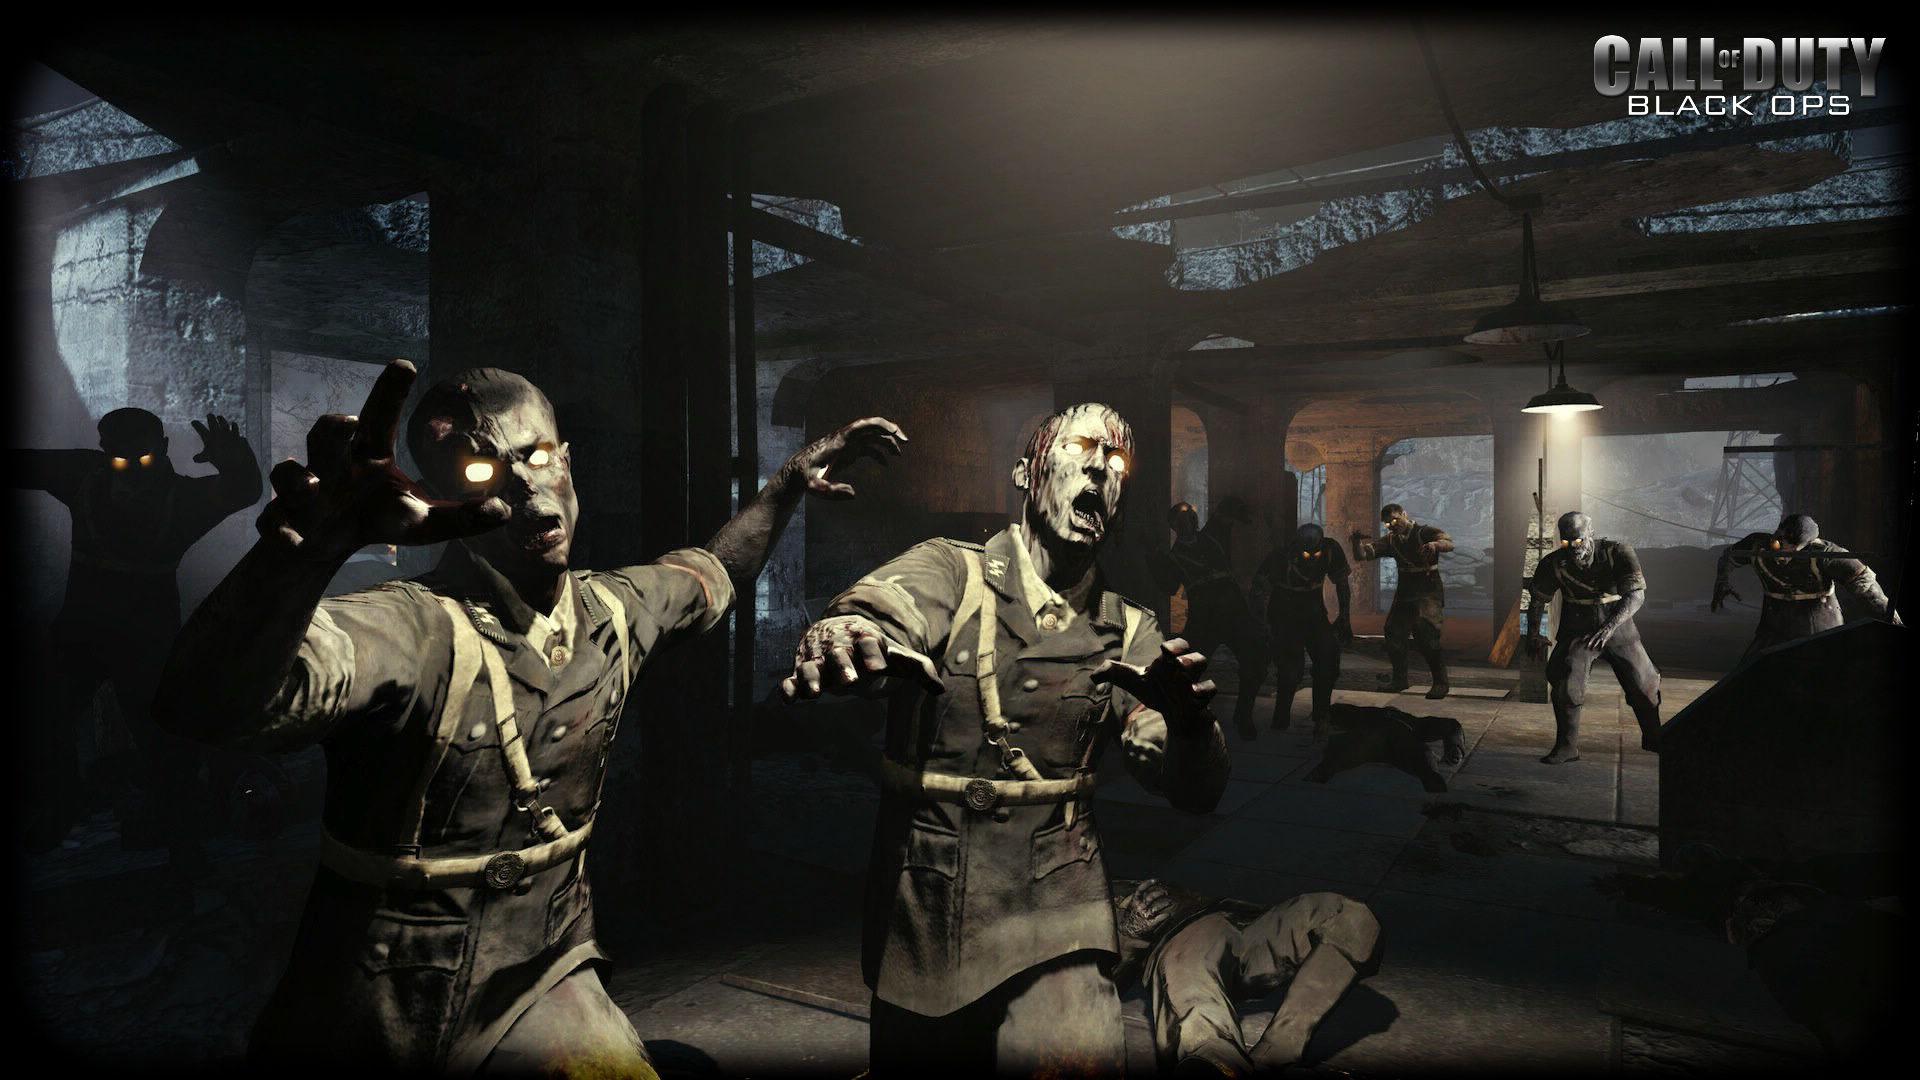 Call of Duty 7 Black Ops Zombie Co-Op Mod-2